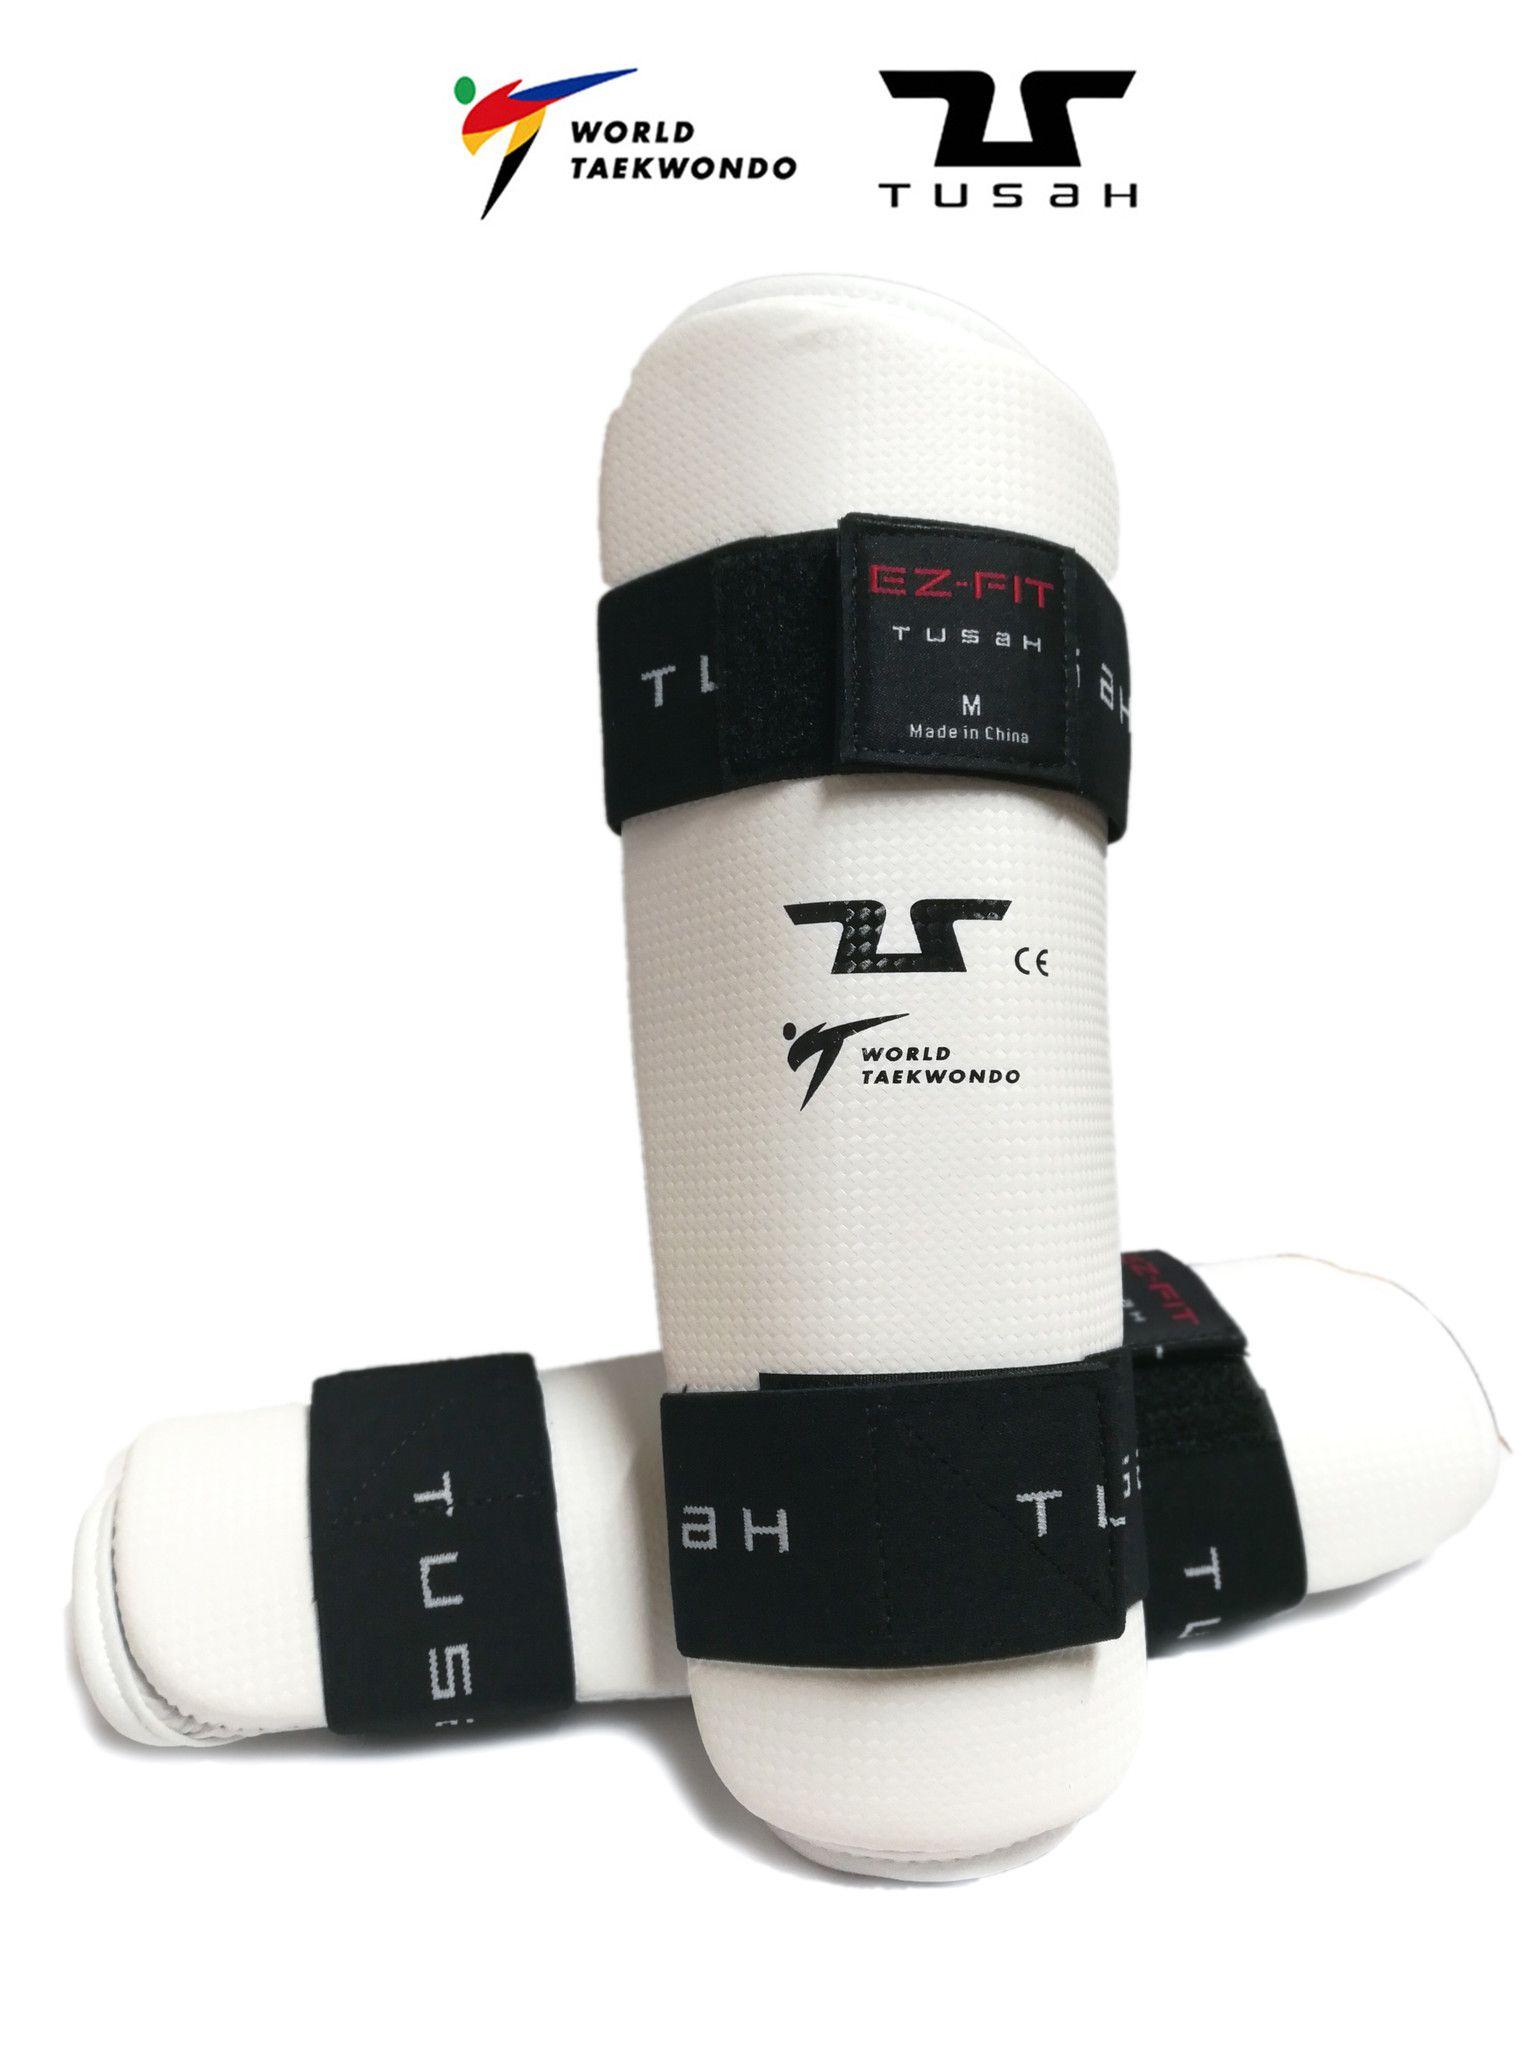 Paratibia per Taekwondo Tusah Omologati WT WTF per allenamenti o competizioni tibia